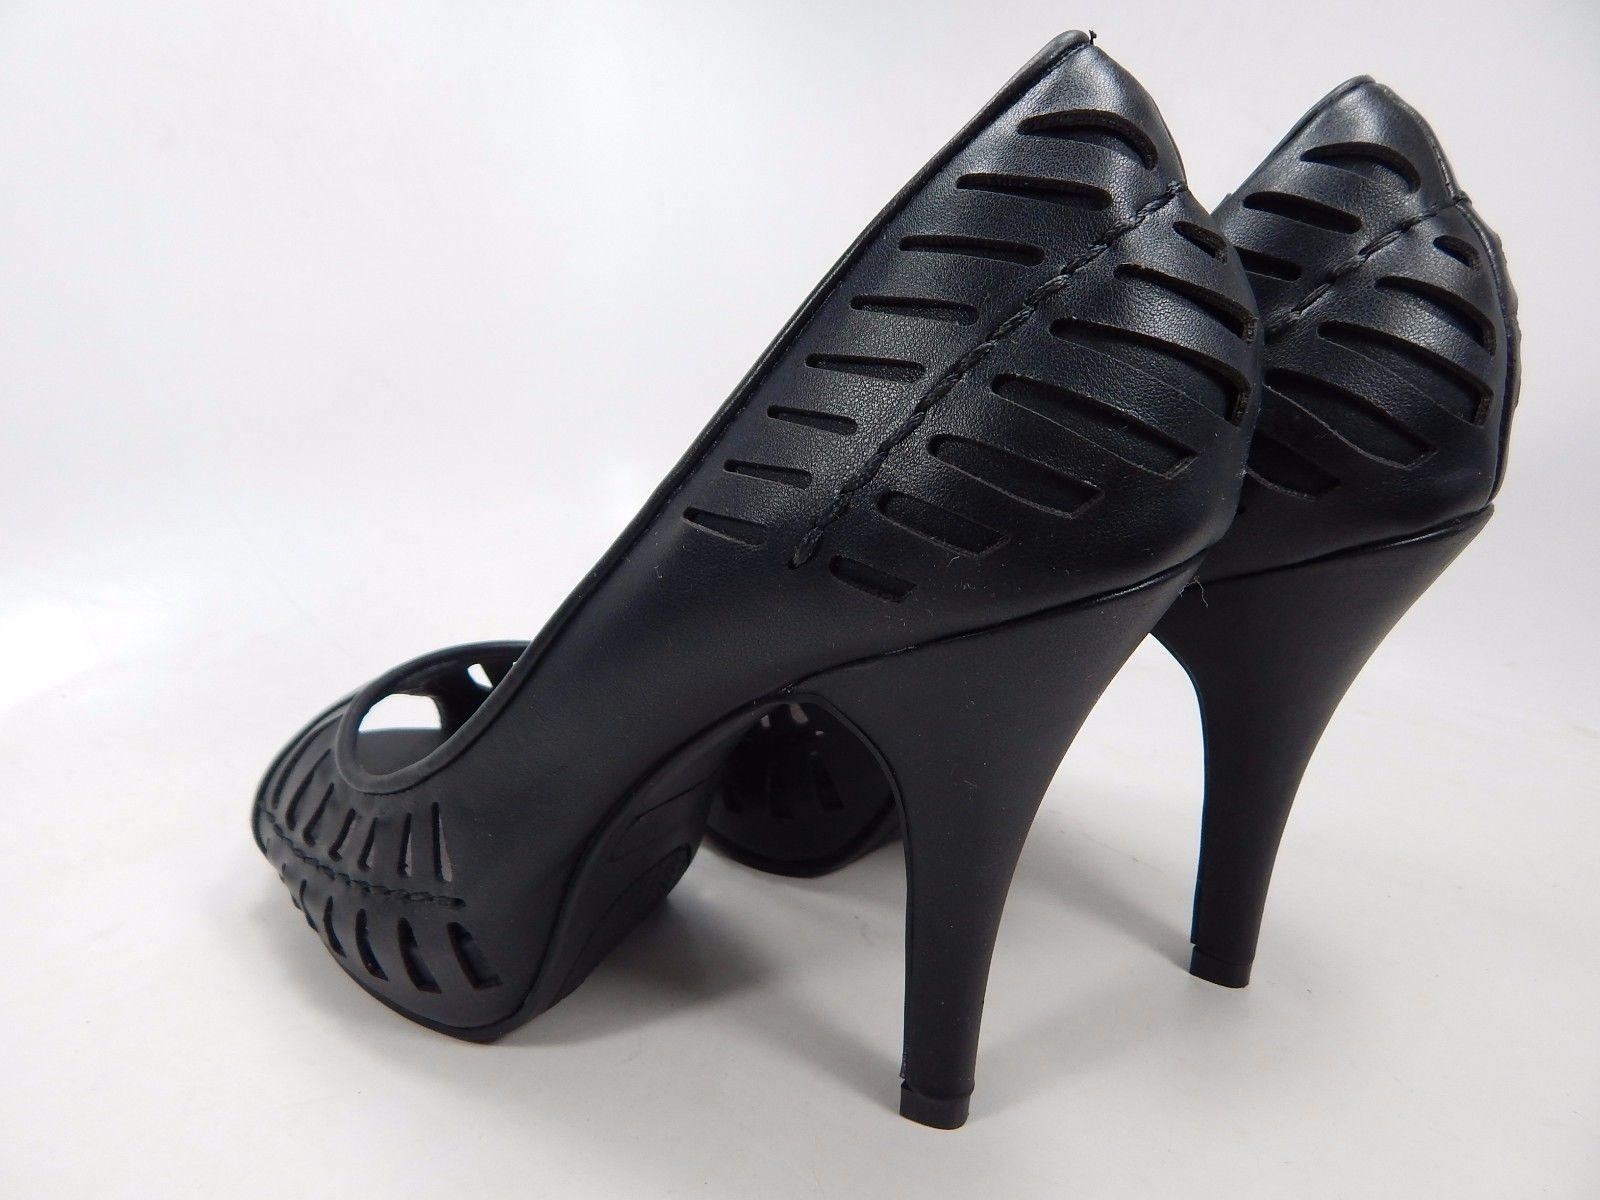 Rampage Ginnie Platform Pumps High Heels Women's Size US 6.5 Black $49